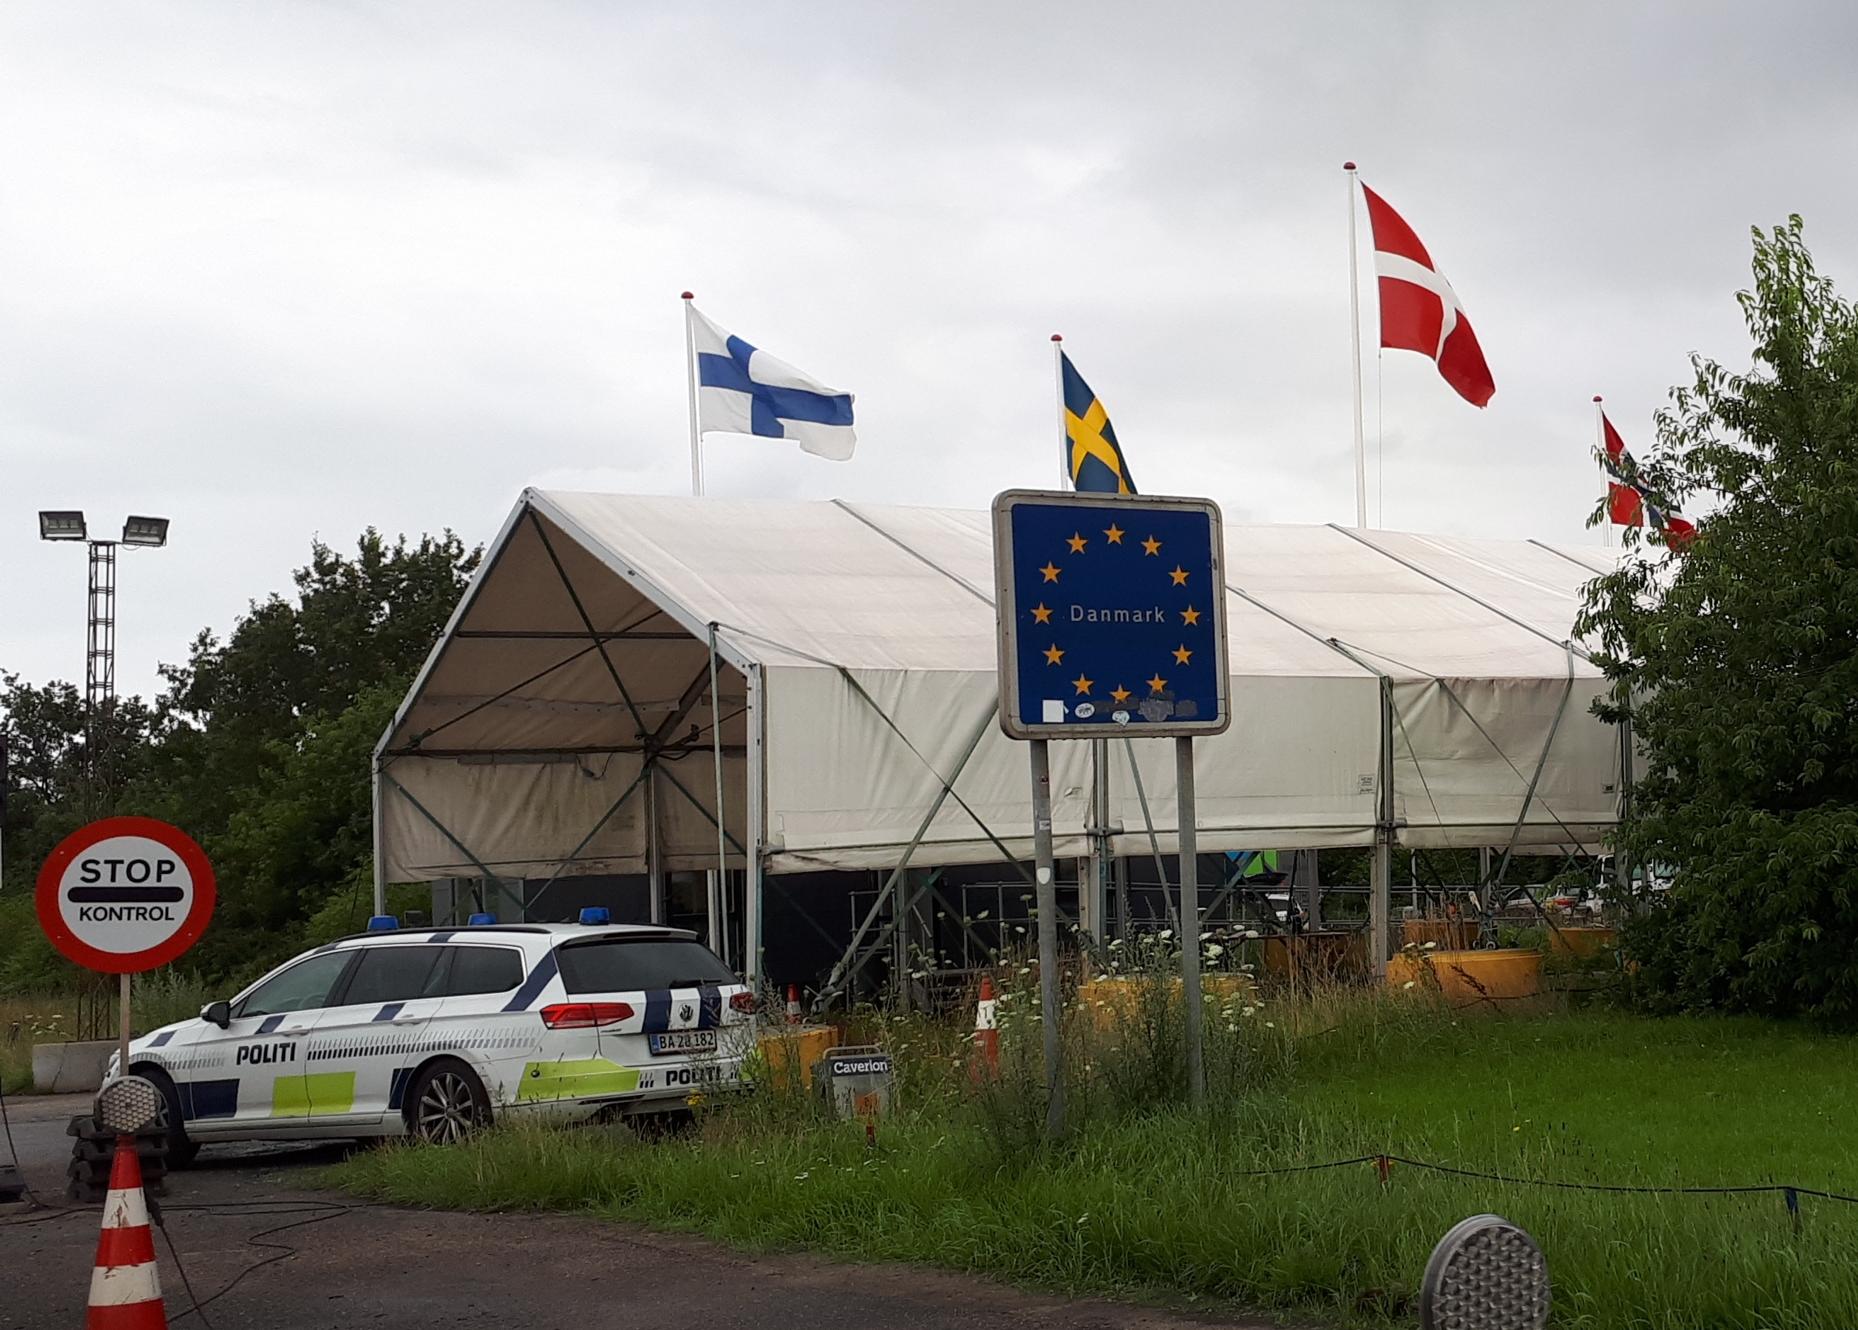 Fra 26. juni sker der store lempelser for danskere, der rejser til EU-landene, og for EU-borgere, der vil til Danmark. Arkivfoto: Henrik Baumgarten.